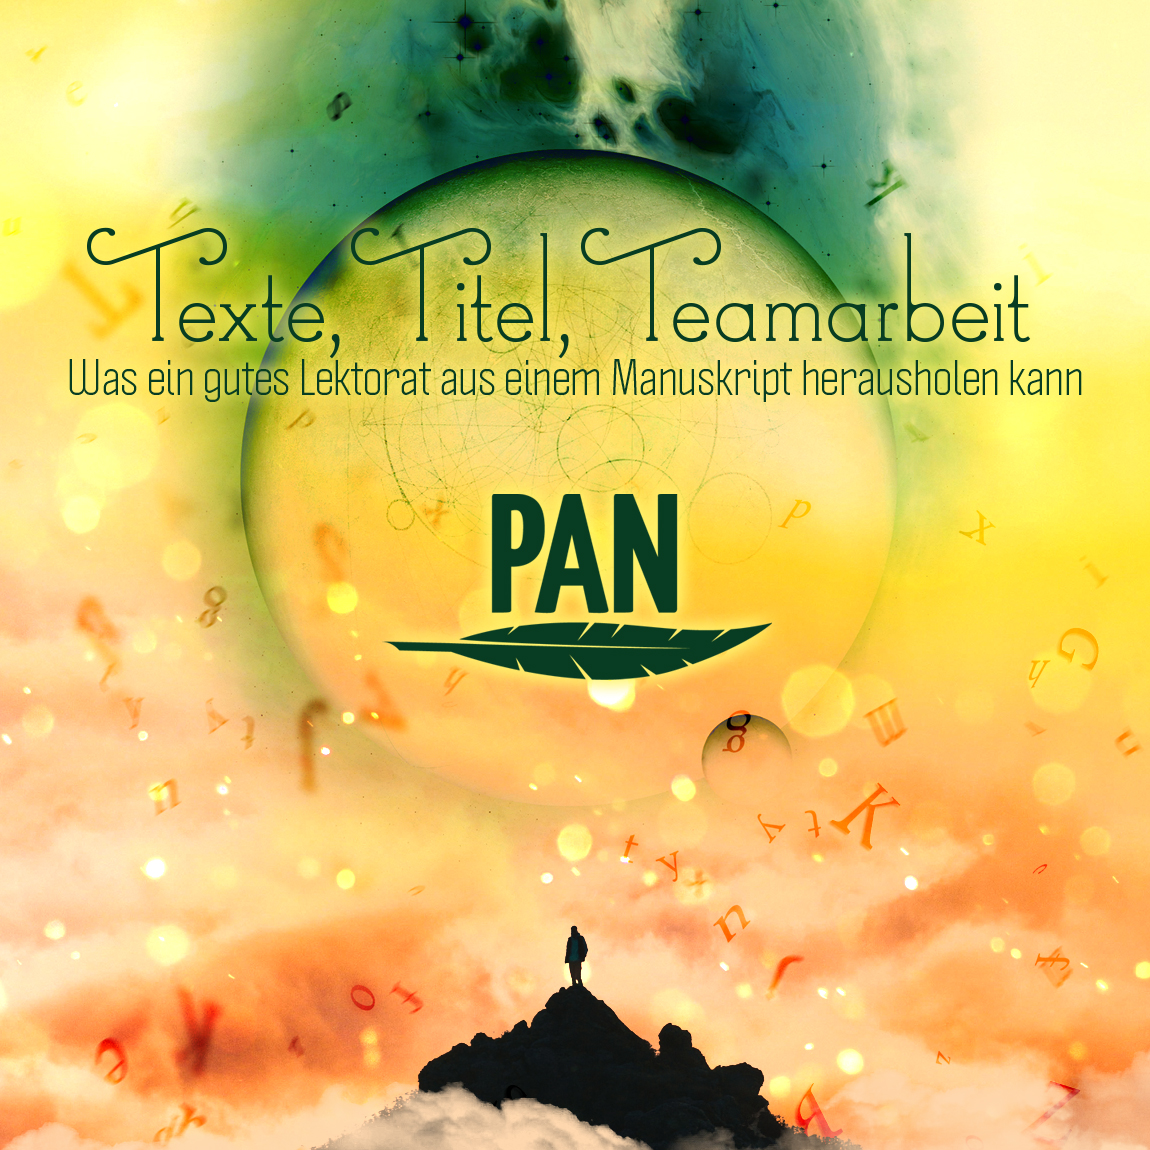 texte_titel_teamarbeit_q_Phantastik-autoren-netzwerk.jpg